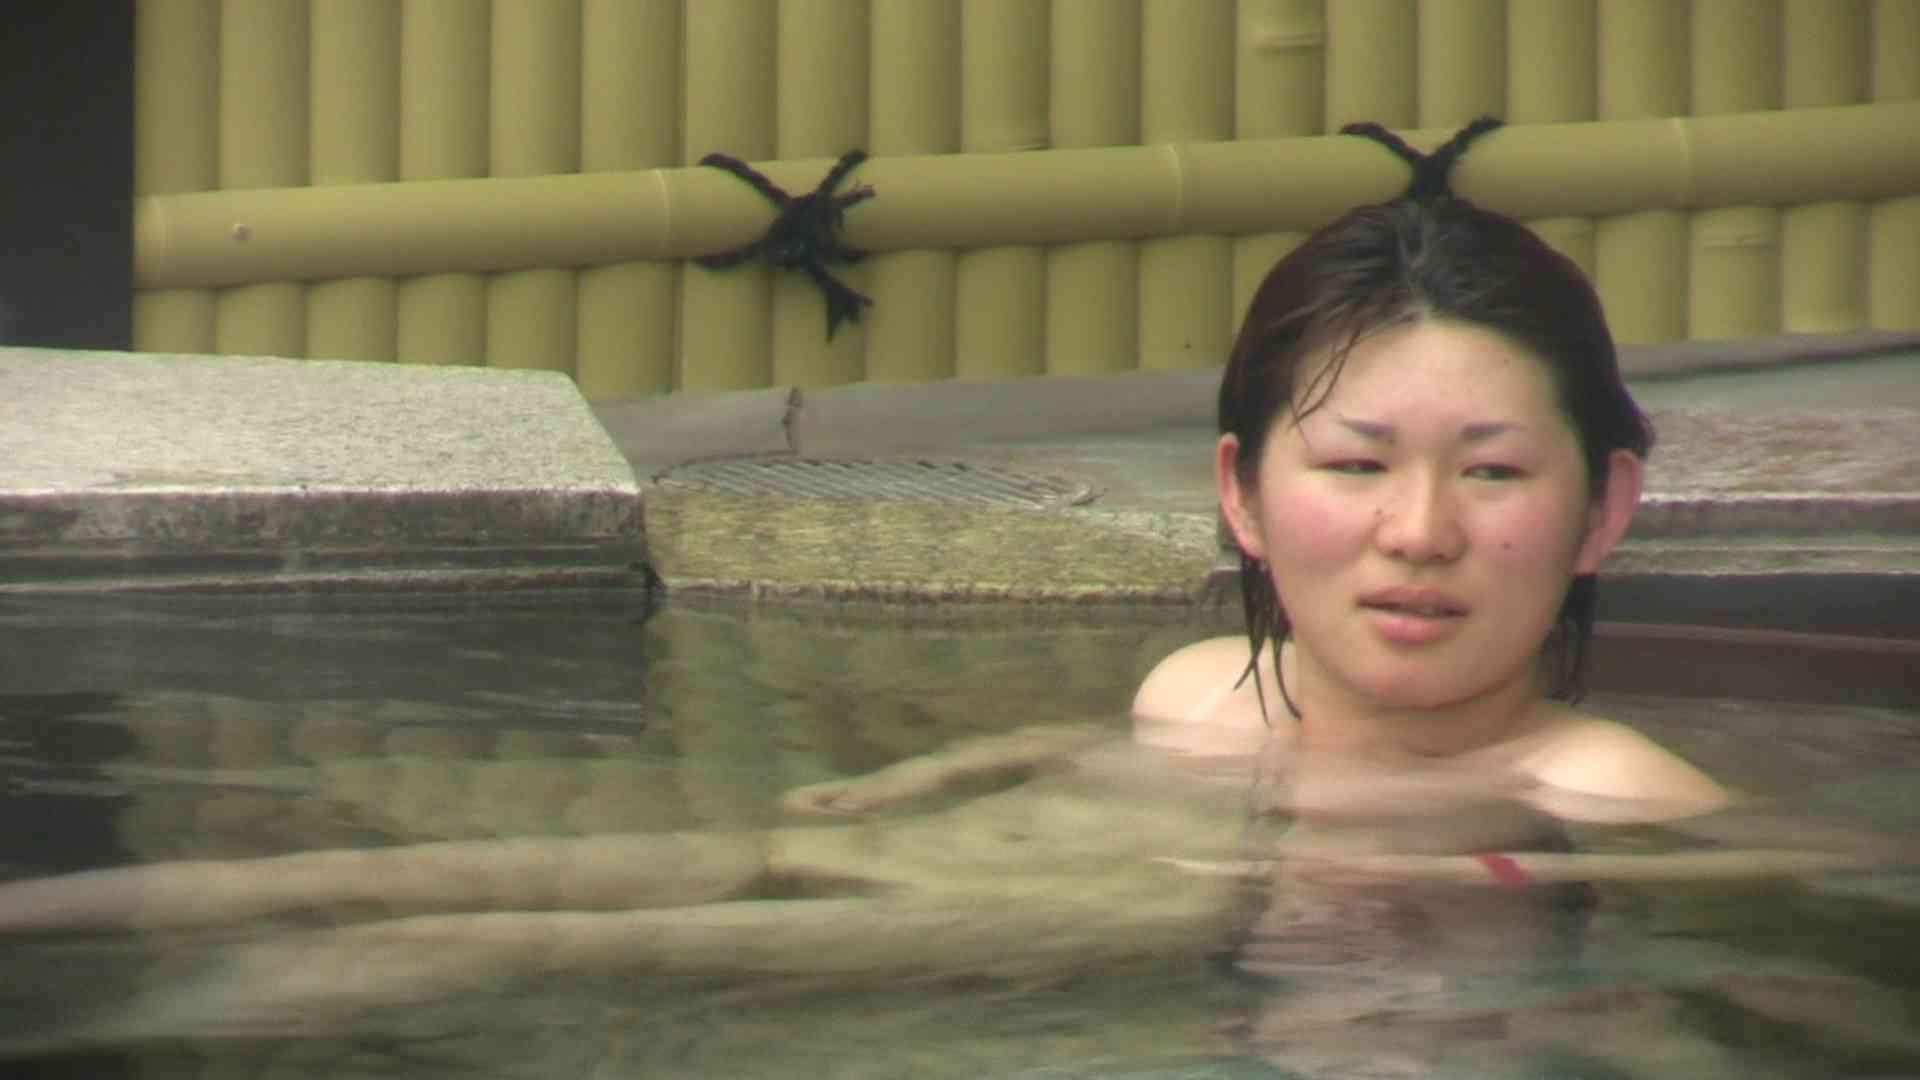 Aquaな露天風呂Vol.673 美しいOLの裸体   盗撮師作品  99pic 82